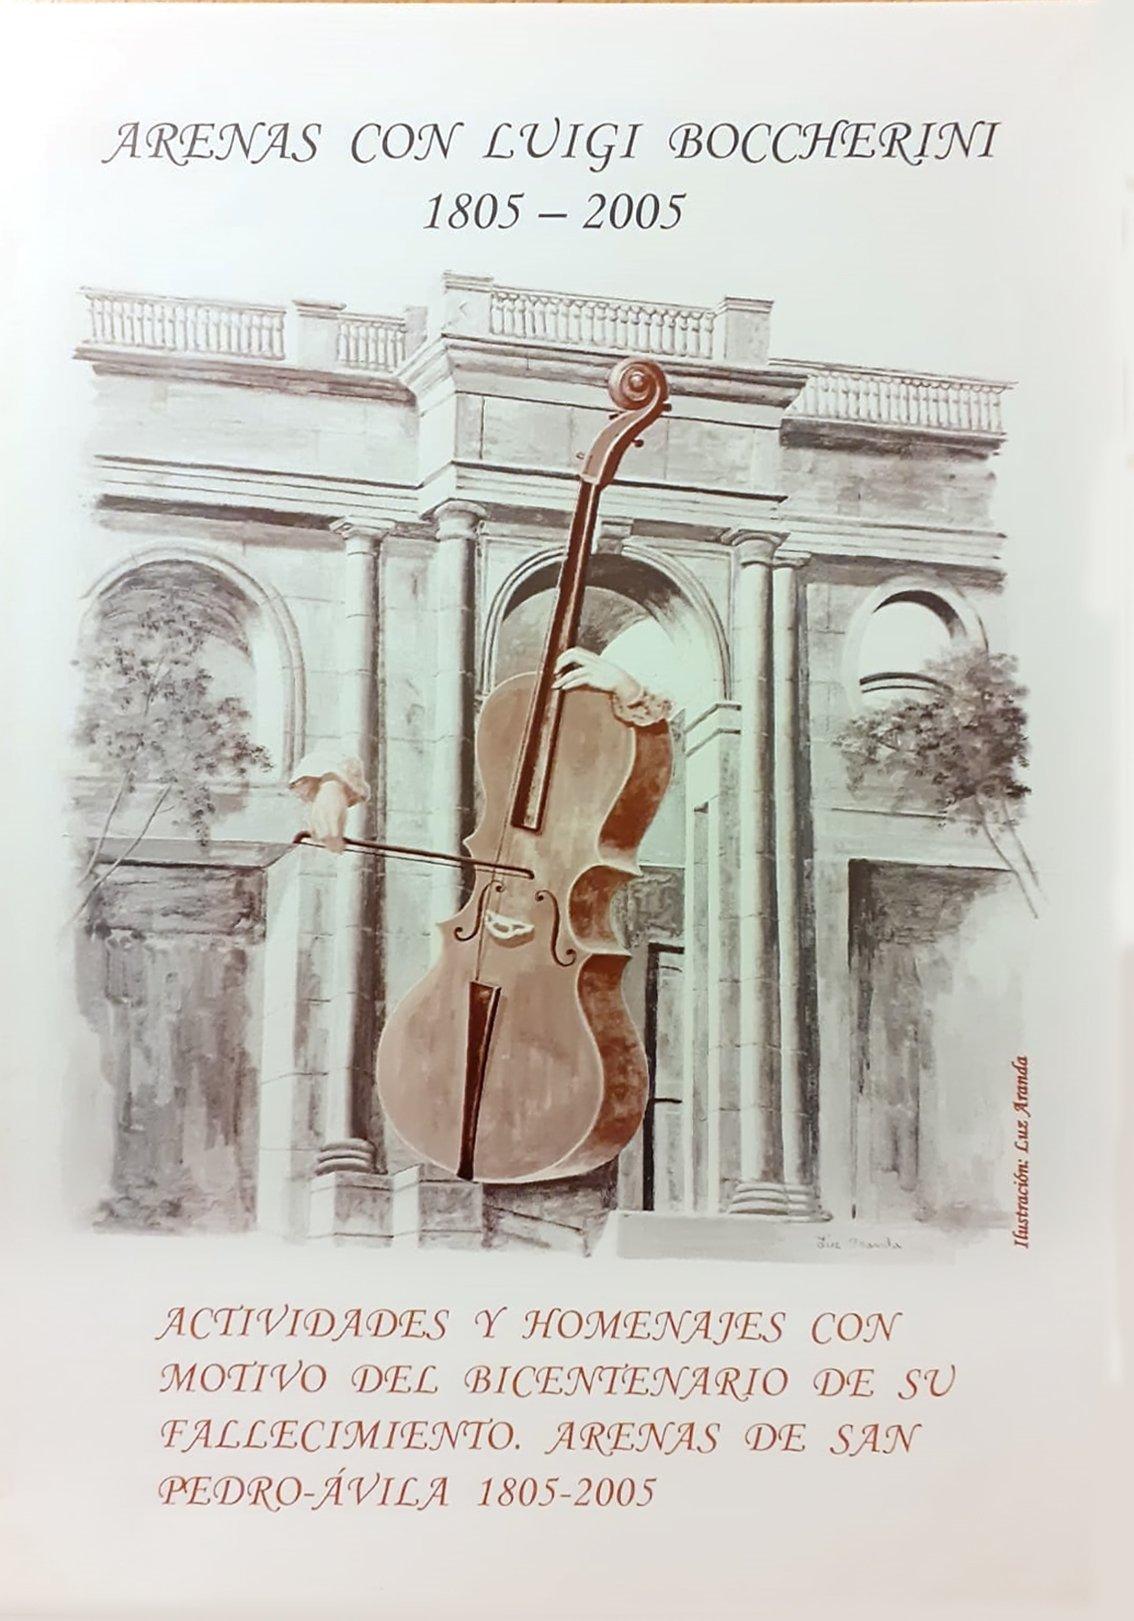 Cartel del año 2005 de los Festivales Boccherini